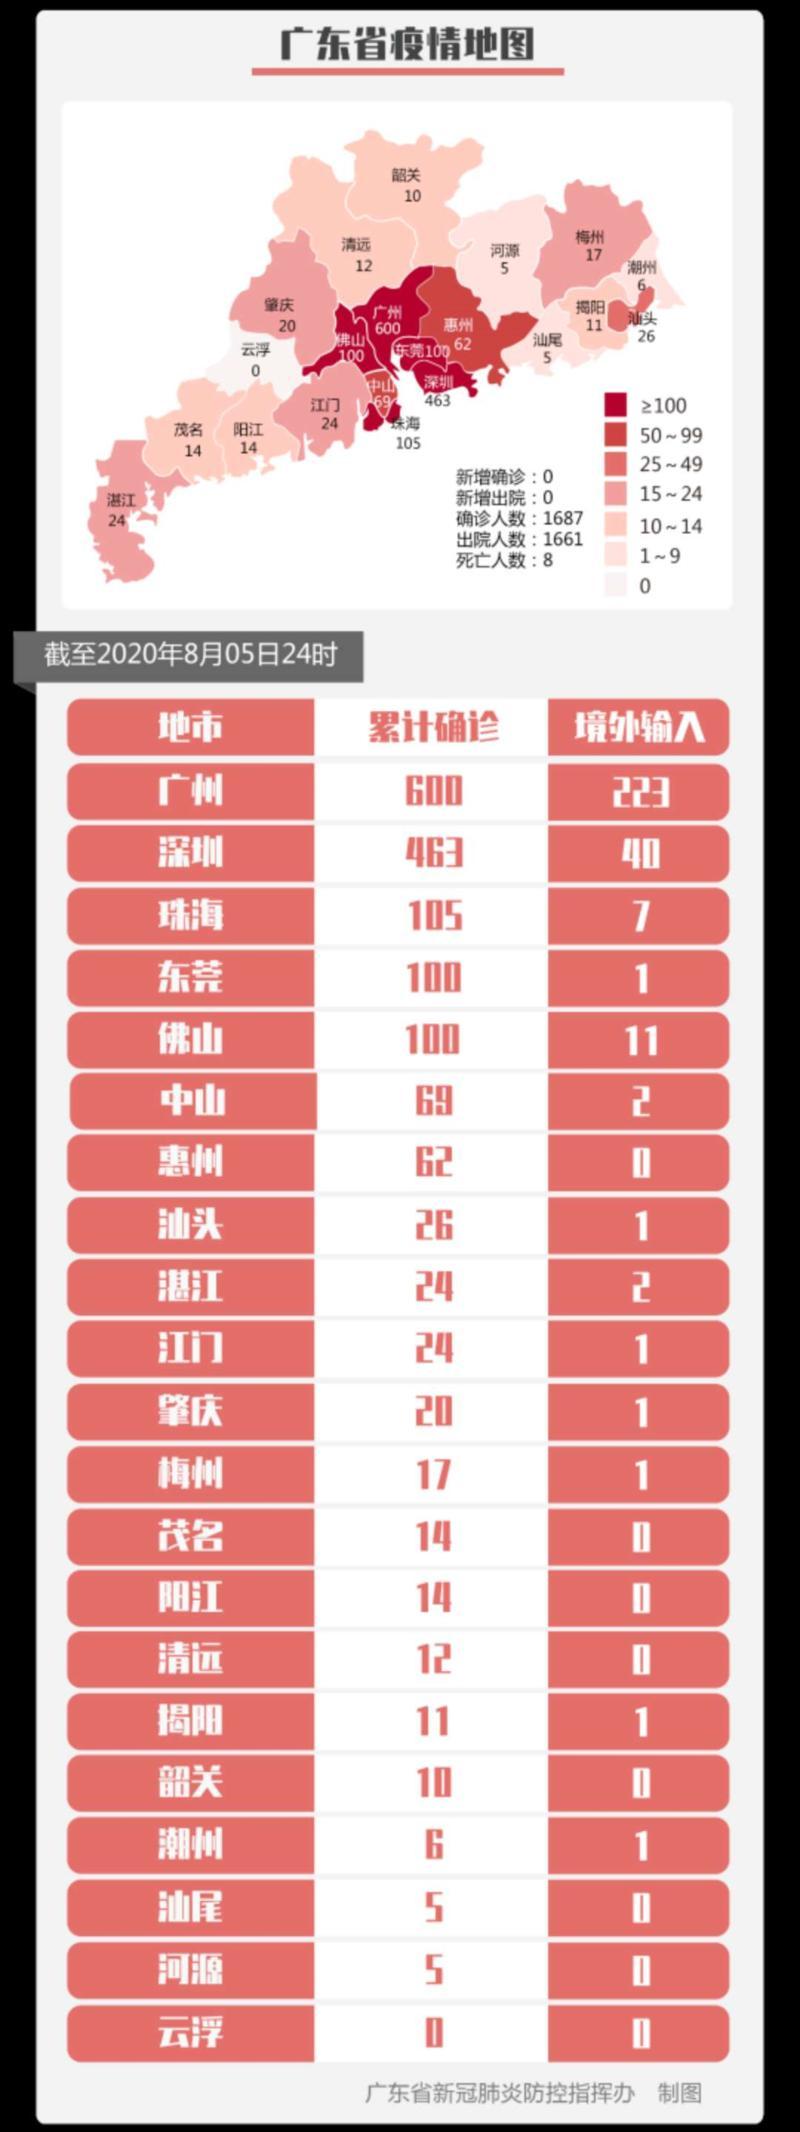 5日广东新增境外输入无症状感染者3例,为广州报告